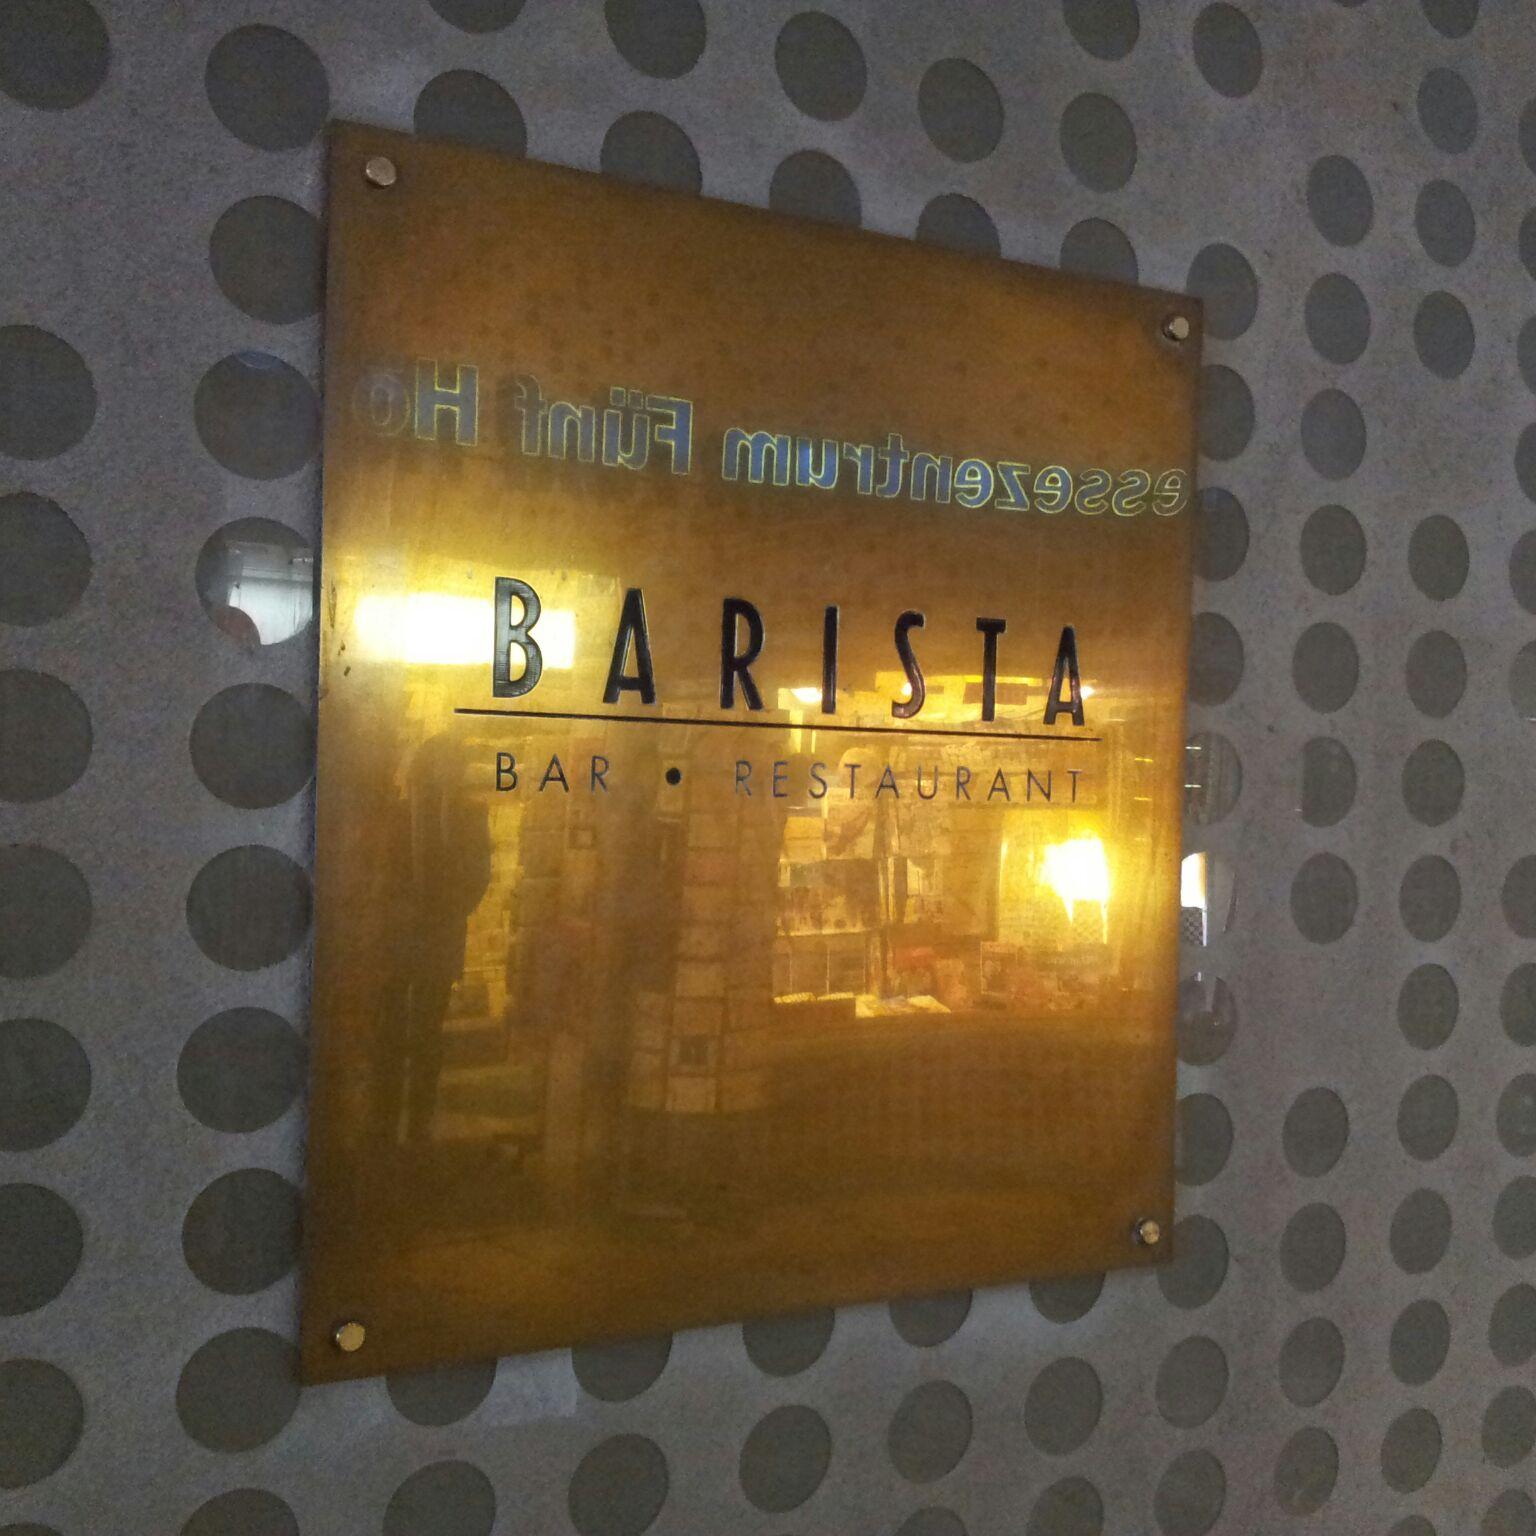 Eine Bar für viele Anlässe: Das Barista